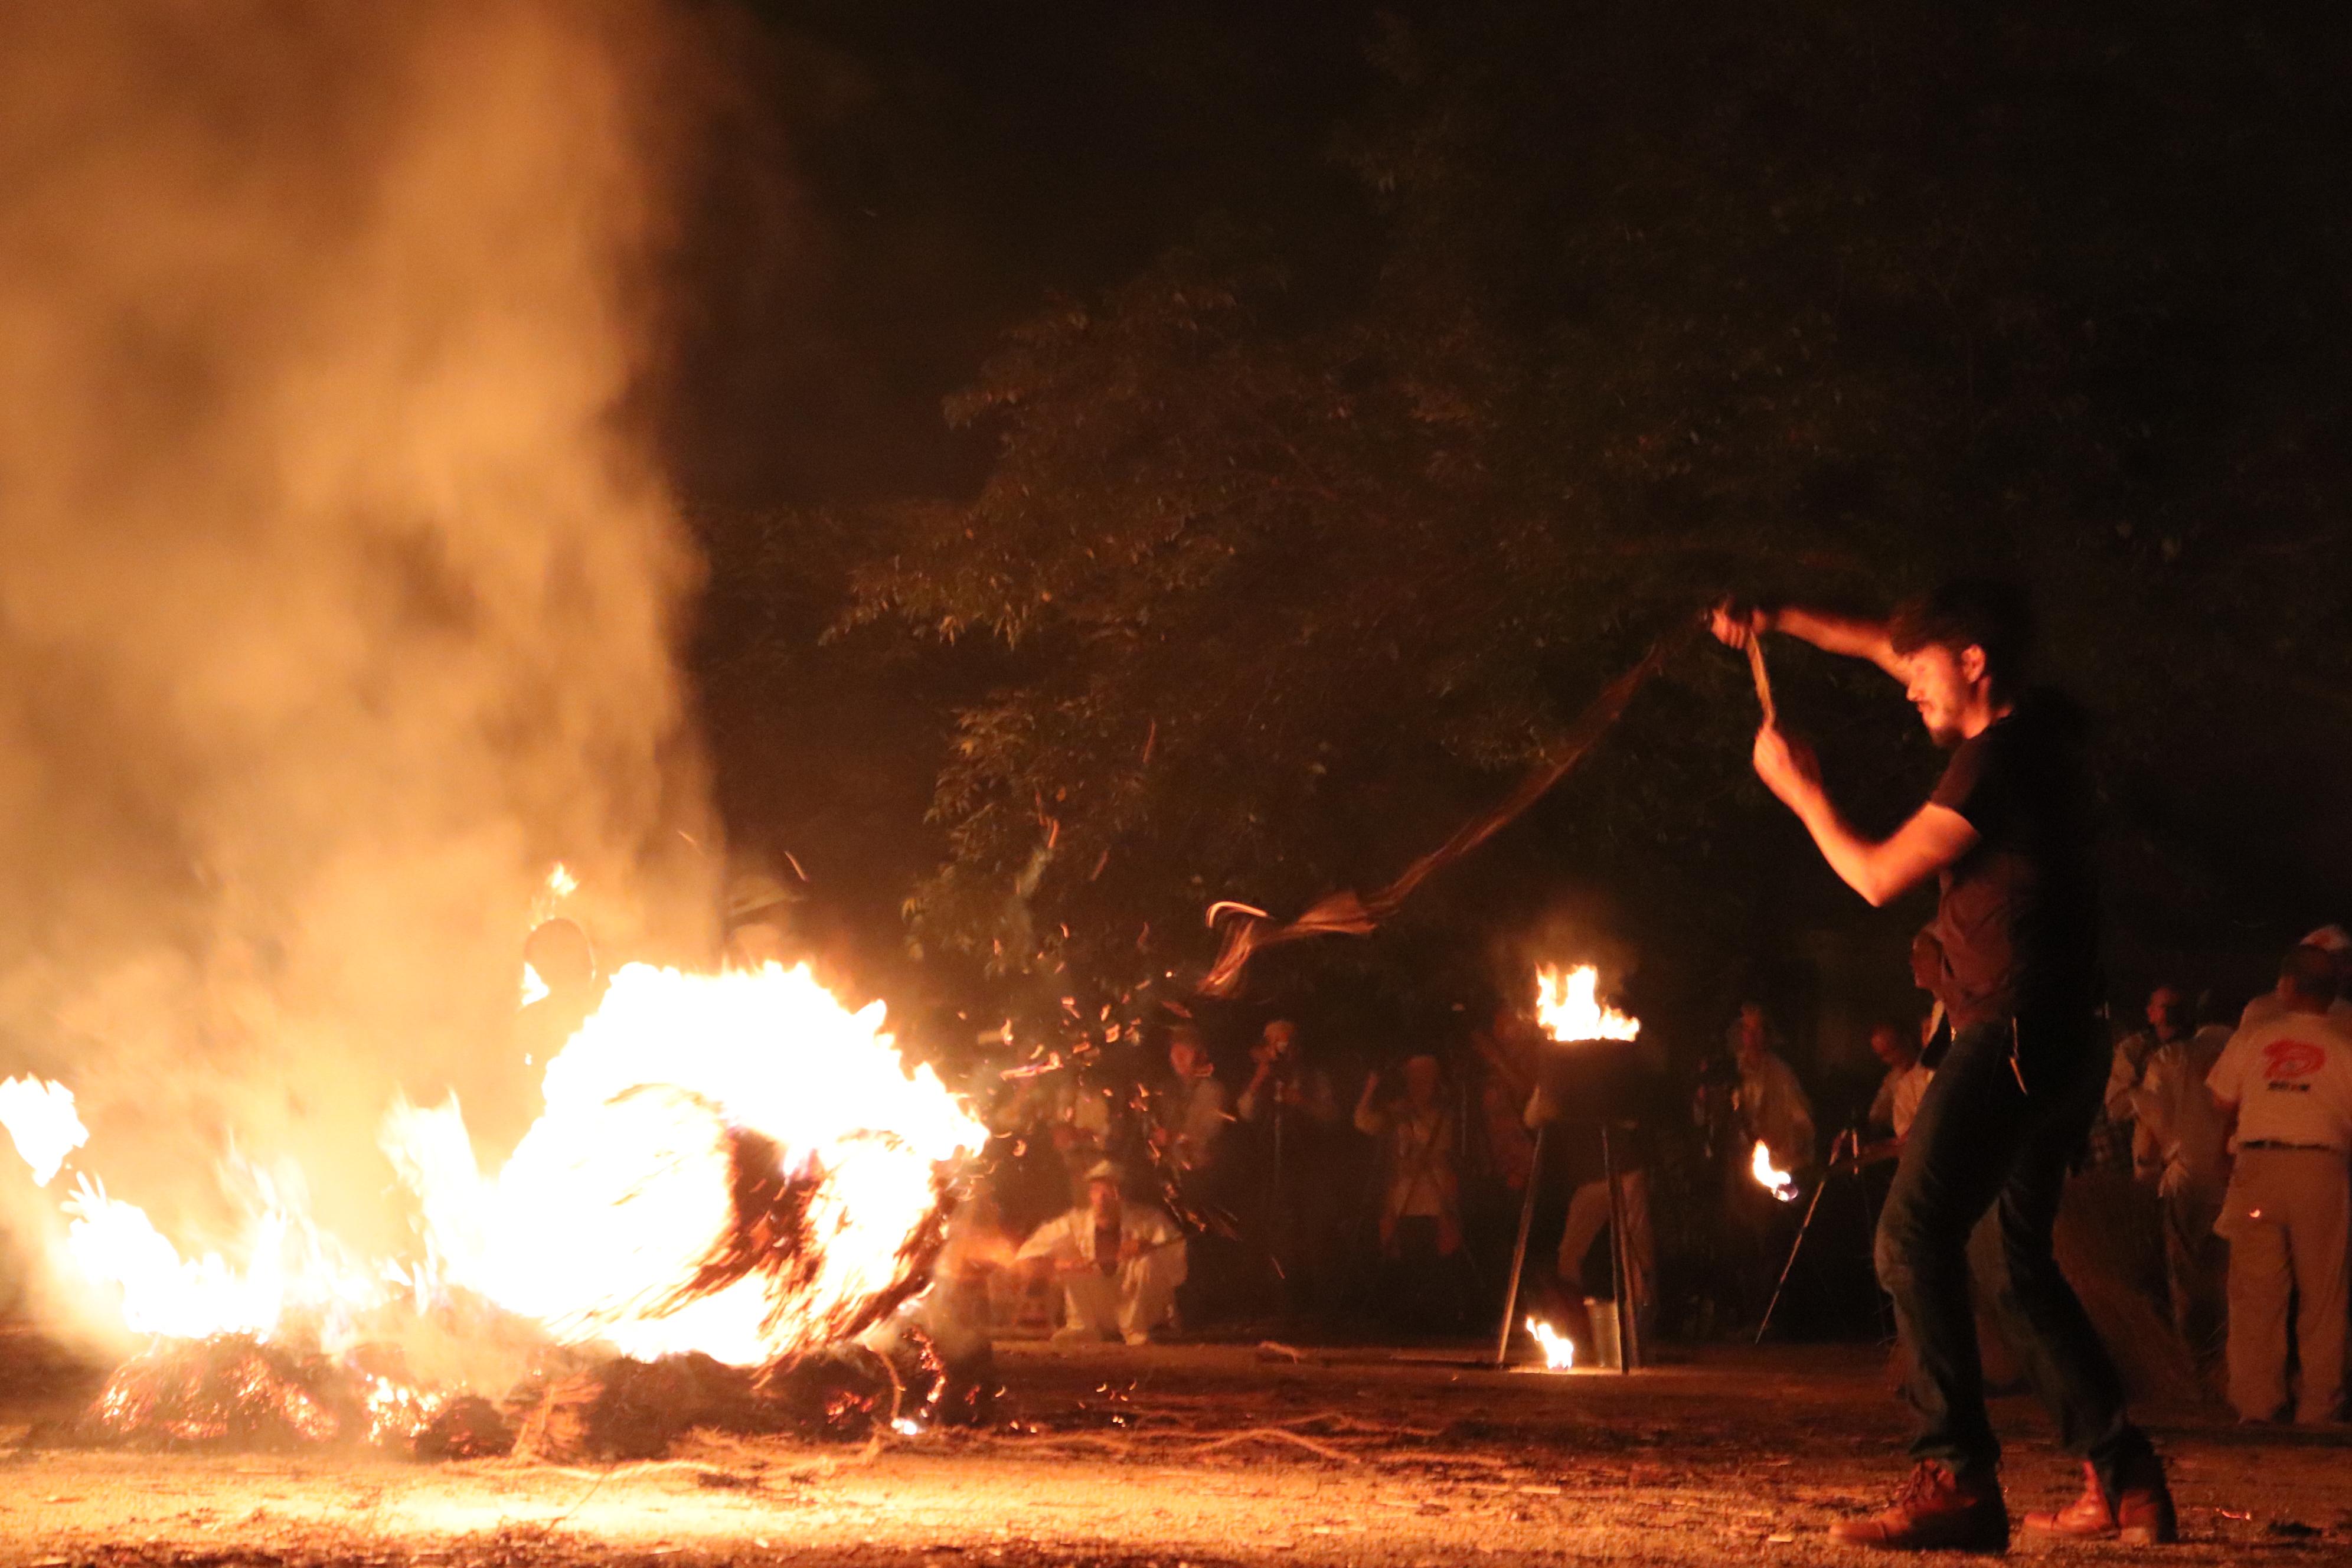 愛宕の火祭り 火振りに参加する外国人